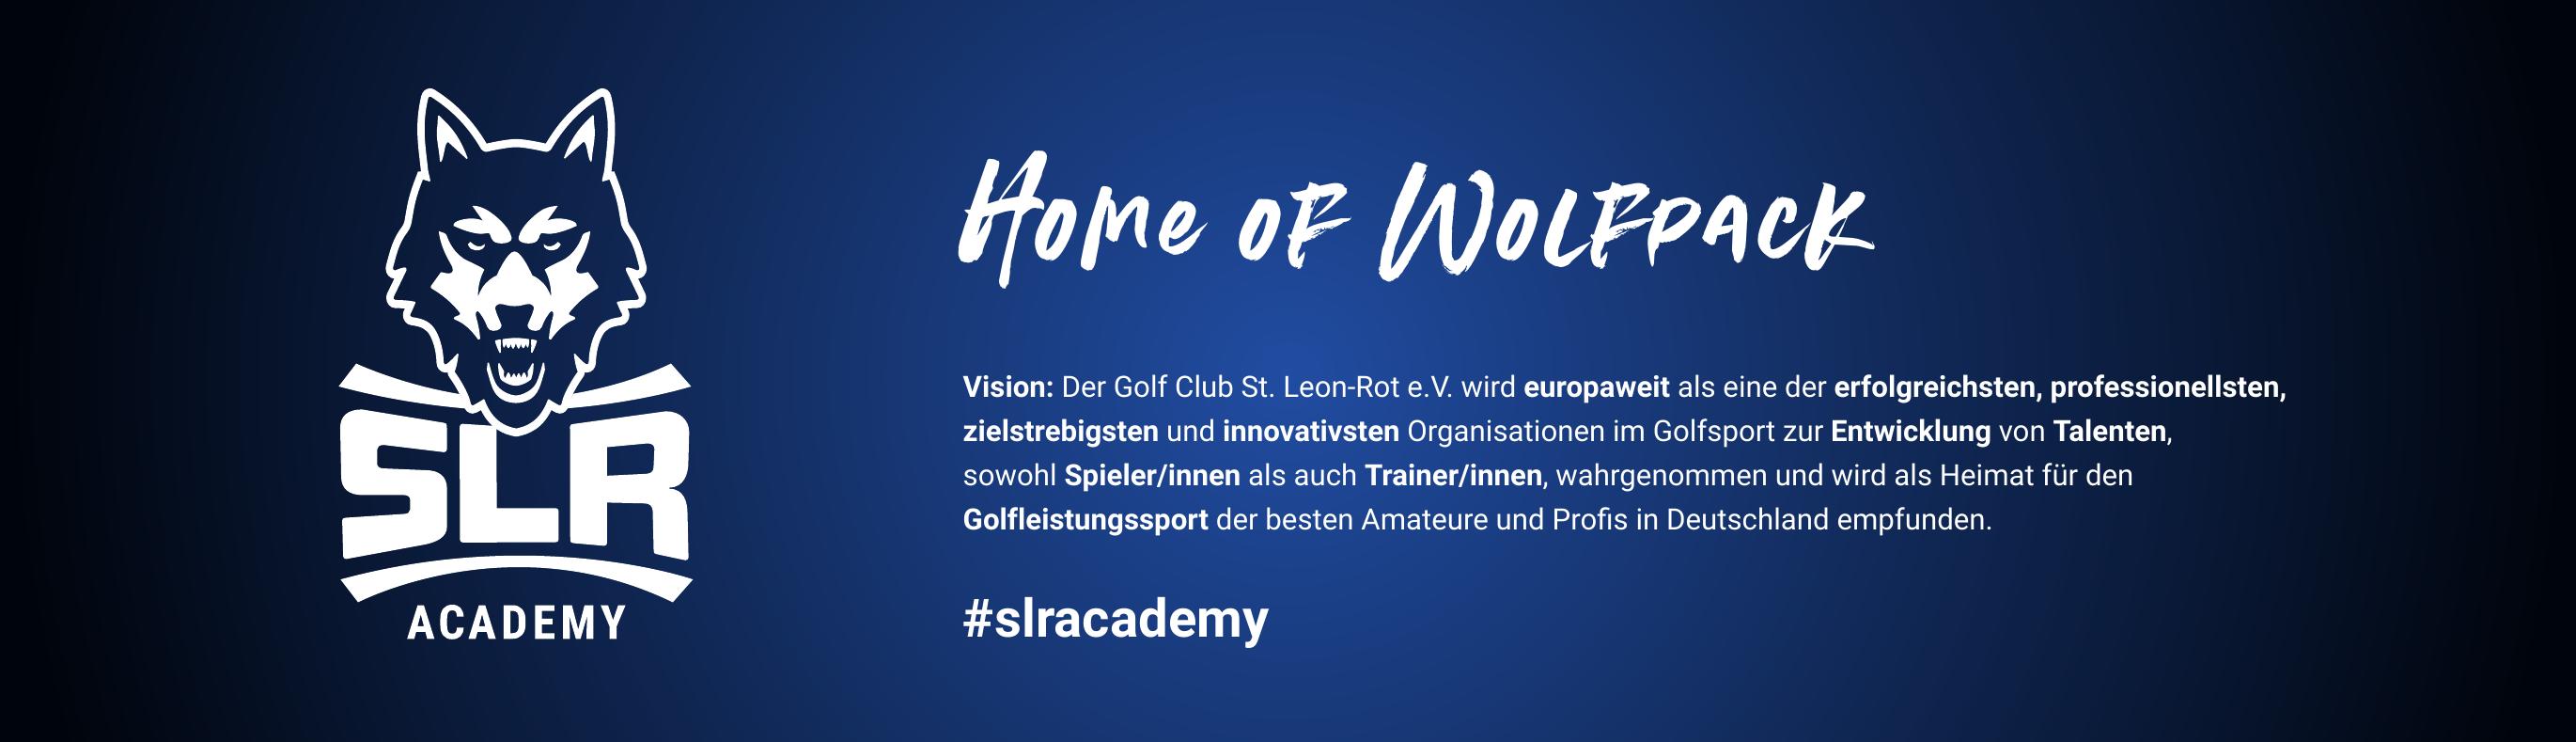 SLR Academy